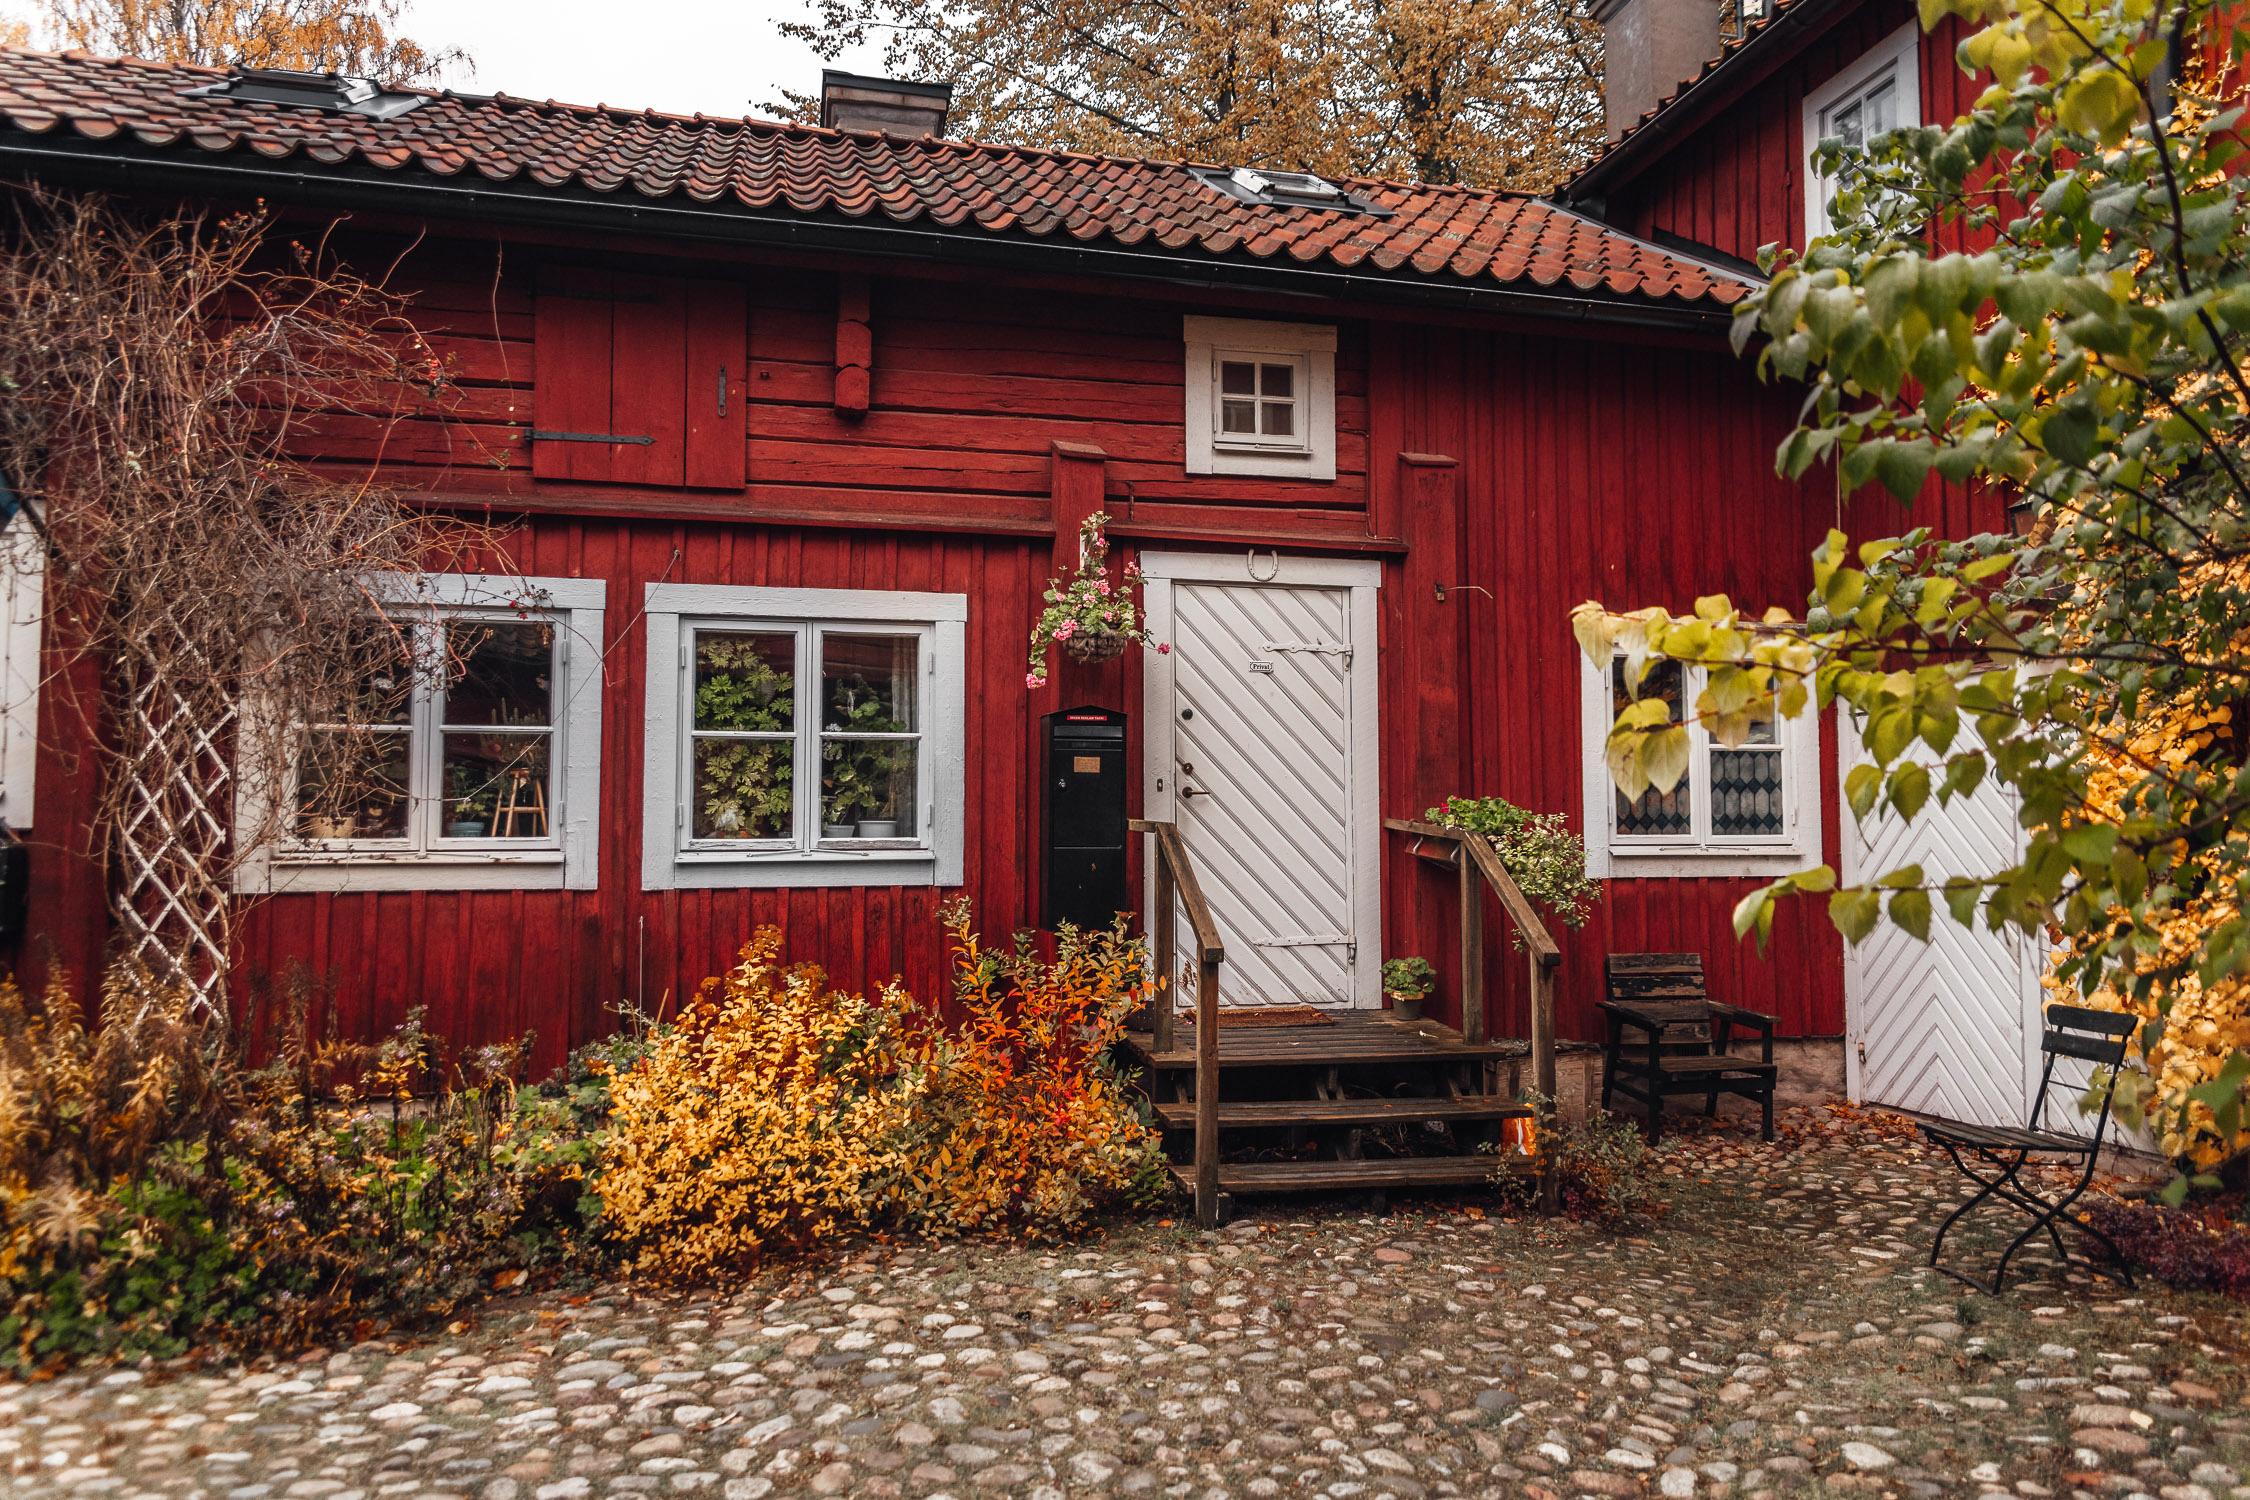 Rött trähus omringat av färgglada höstlöv i Wadköping friluftmuseum i Örebro